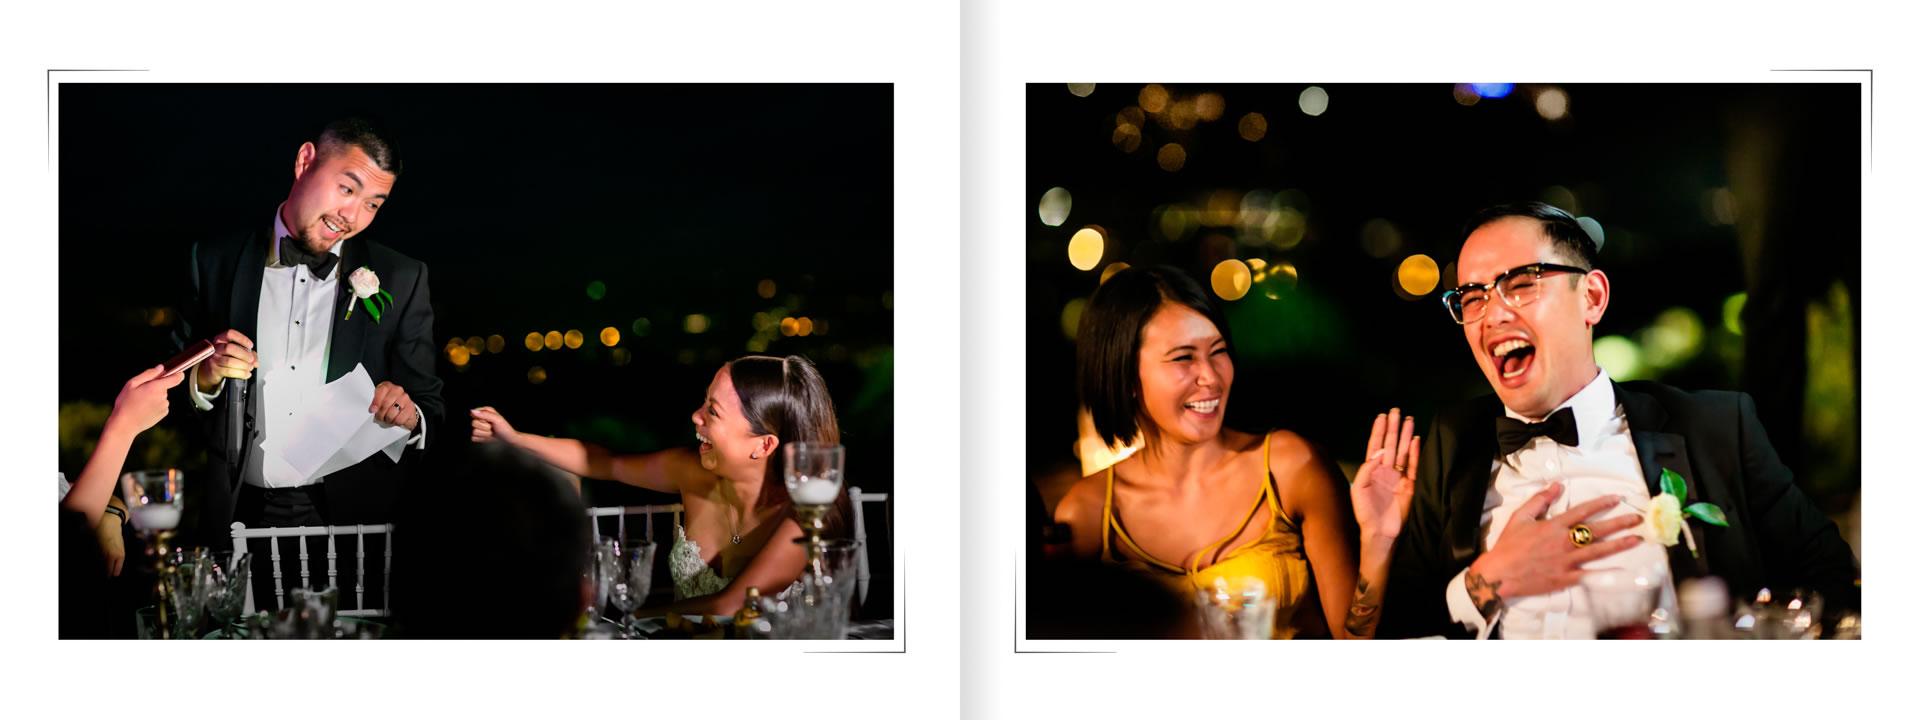 villa-di-maiano-david-bastianoni-photographer-00038 - 38 :: Wedding at Villa di Maiano :: Luxury wedding photography - 37 :: villa-di-maiano-david-bastianoni-photographer-00038 - 38